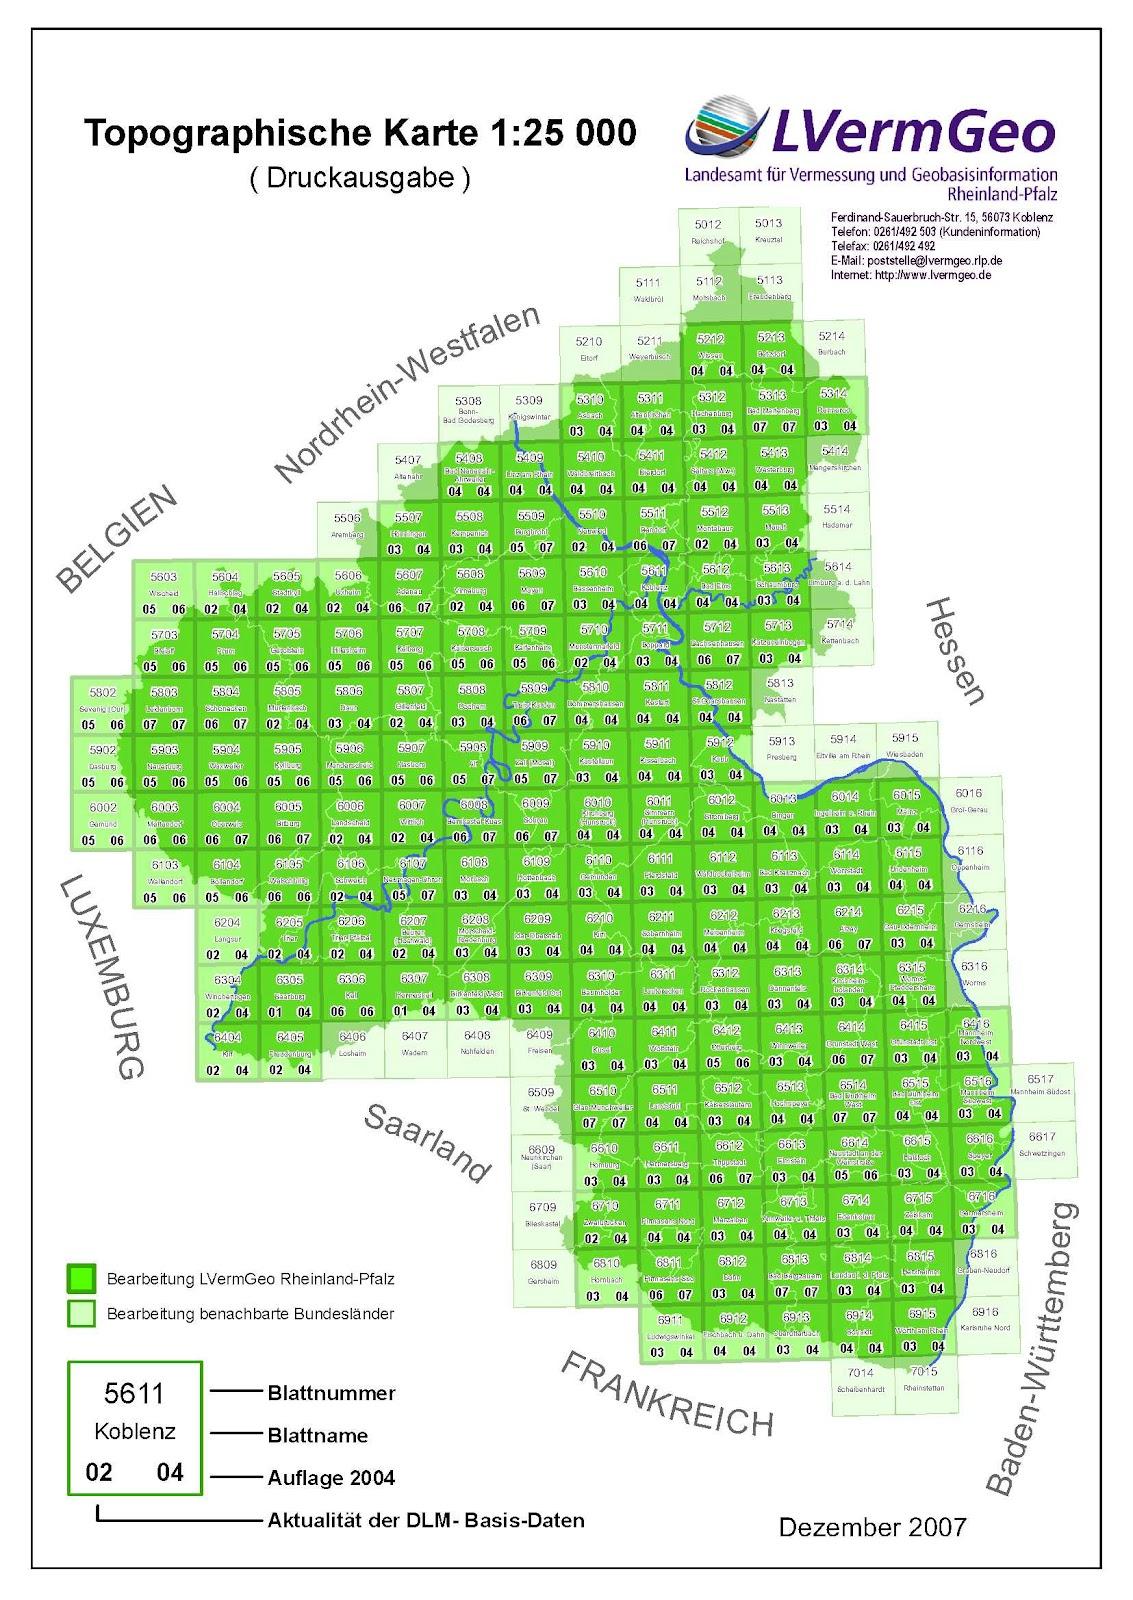 Karte Baden Württemberg Rheinland Pfalz.Verlag Lva Rheinland Pfalz Blattschnitte Index